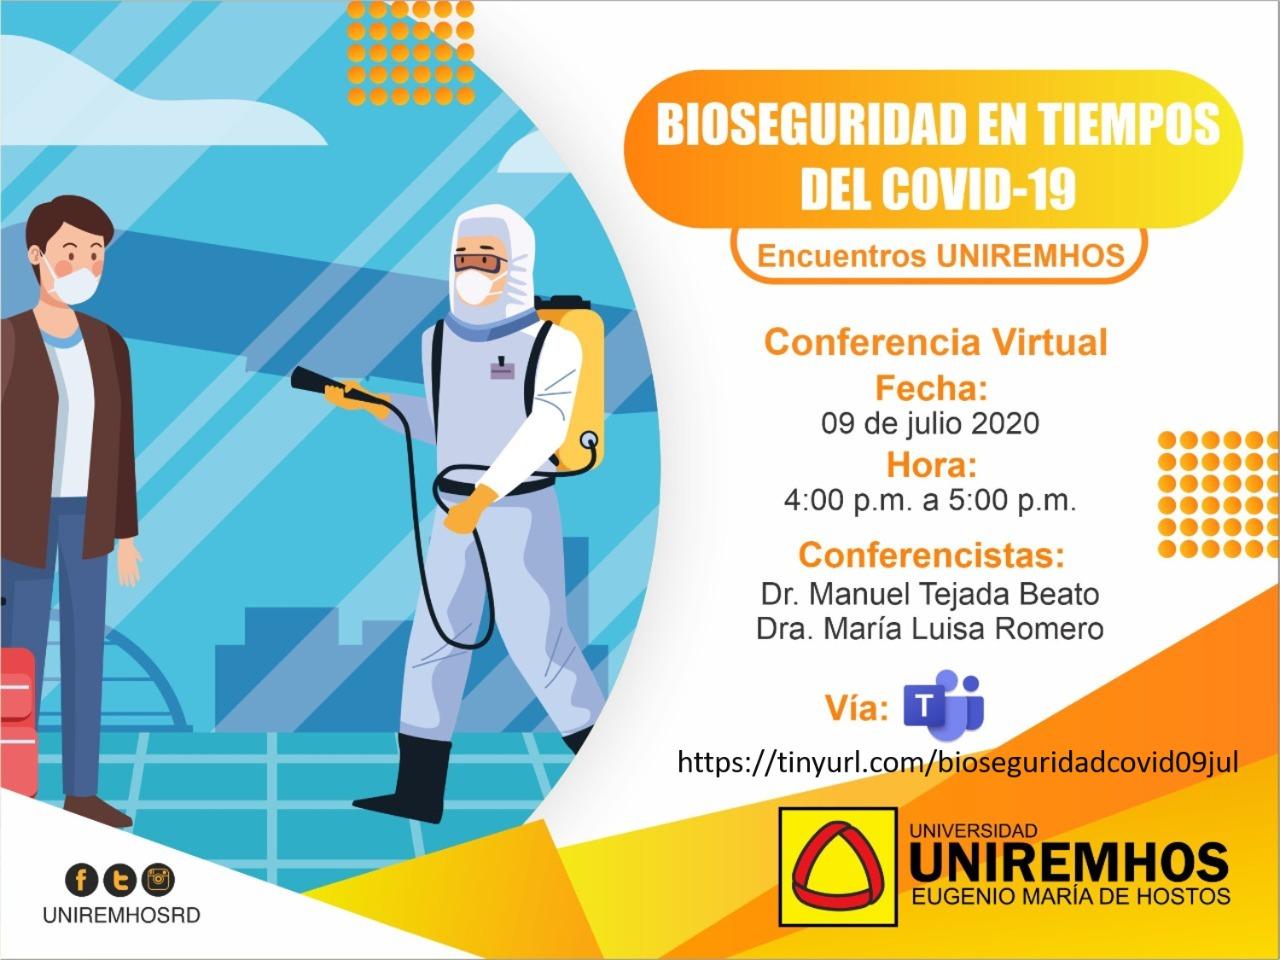 """Encuentro UNIREMHOS"""" comienza el próximo 09 de julio con el webinar Bioseguridad en tiempos del COVID-19"""